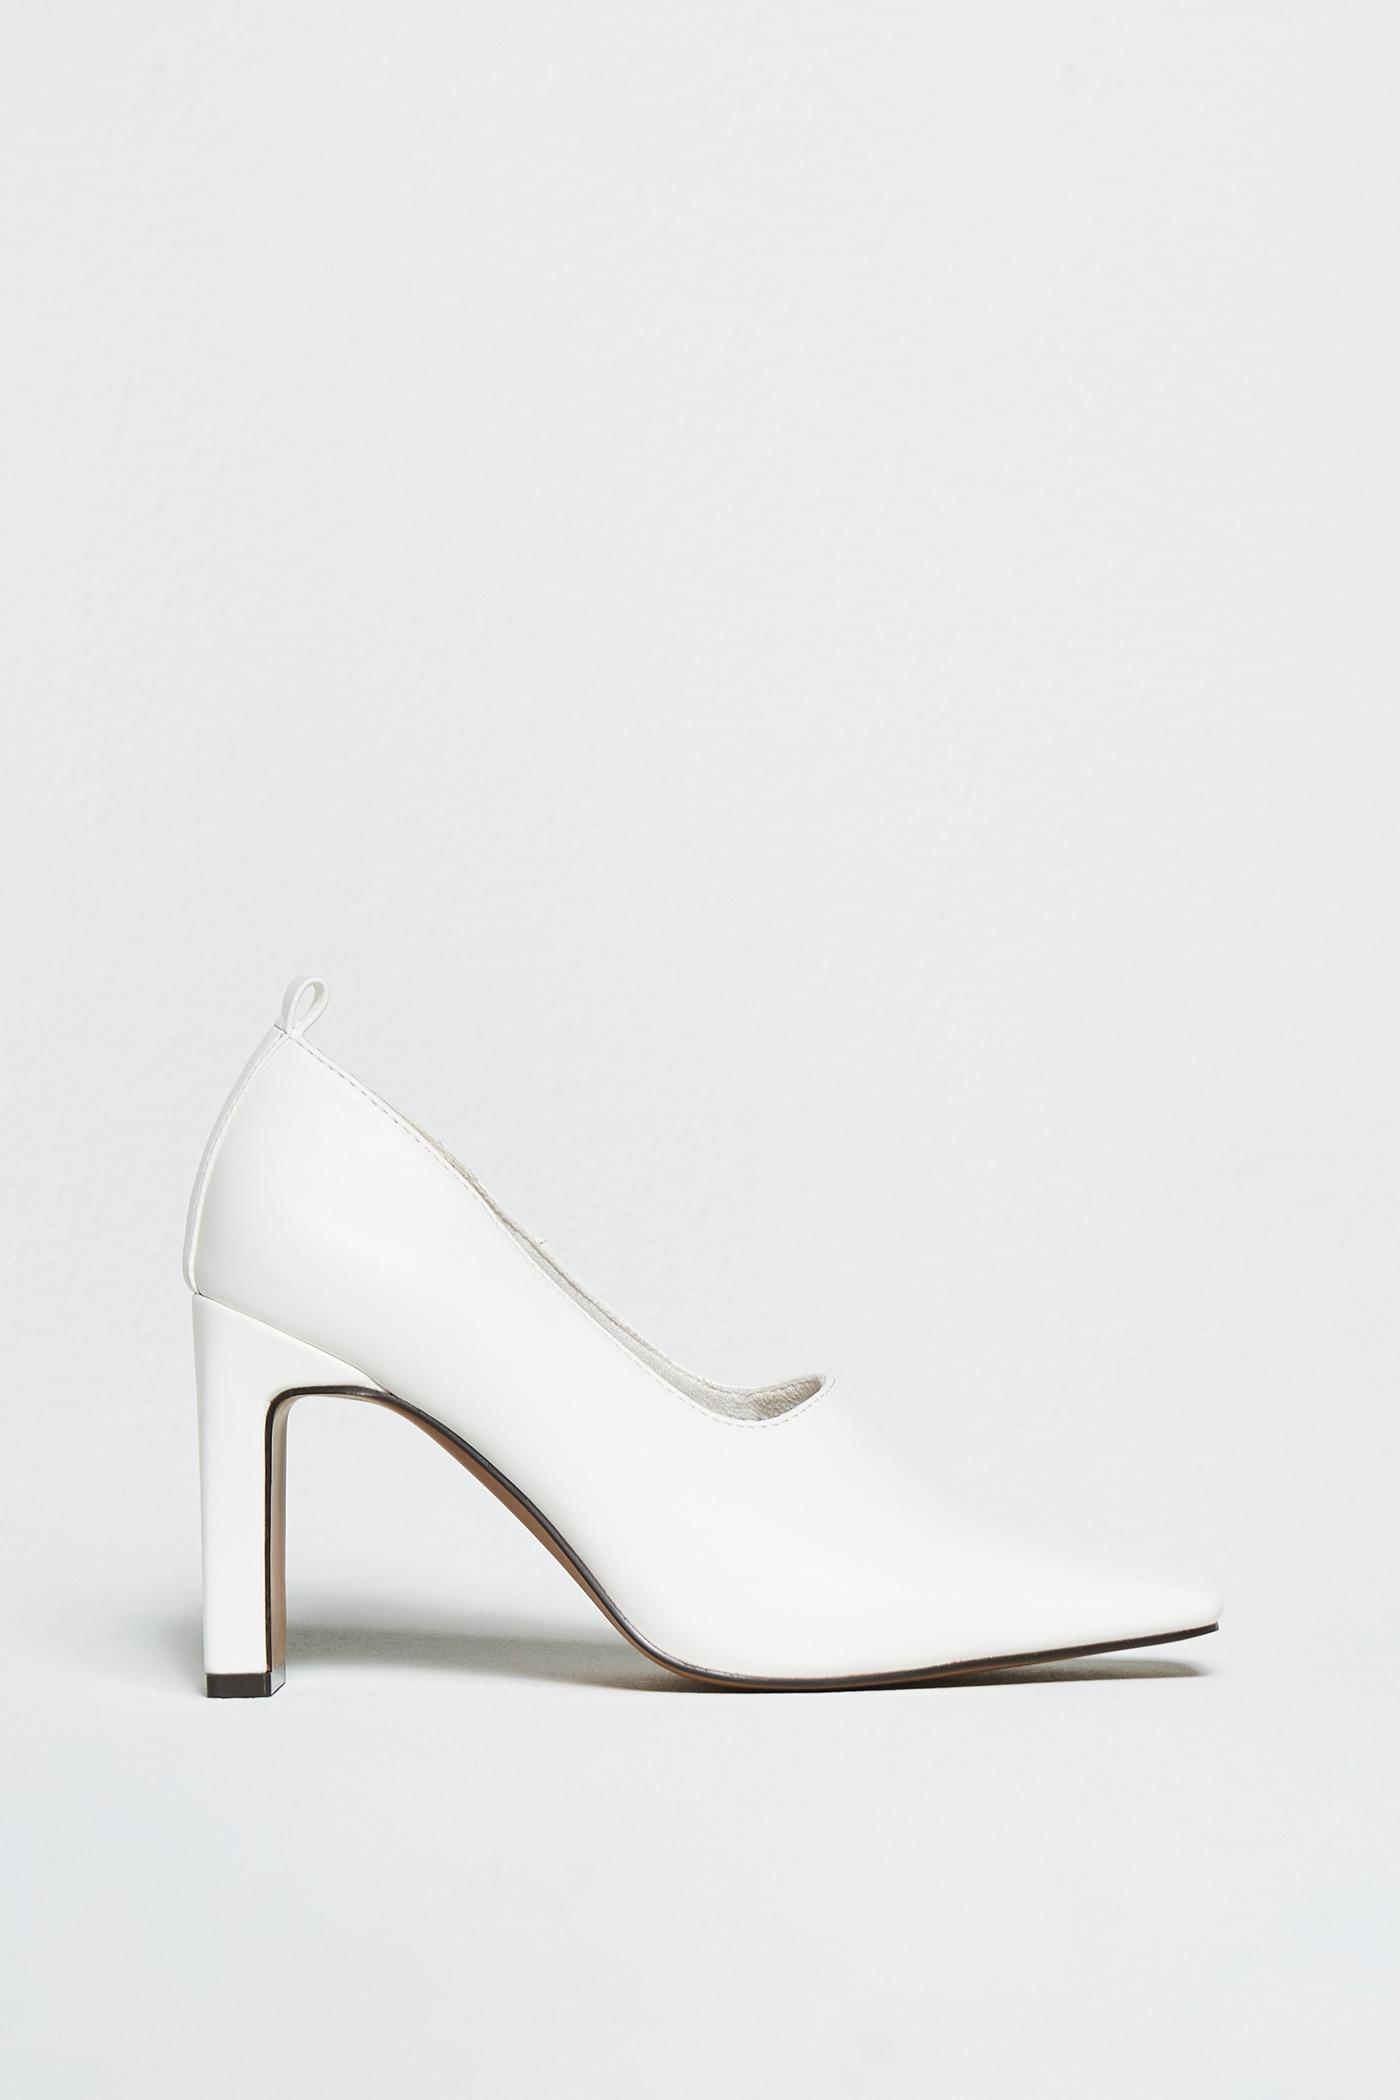 Sfera recrea los zapatos blancos retro de Prada que parecen de lujo, pero valen solo 35 euros